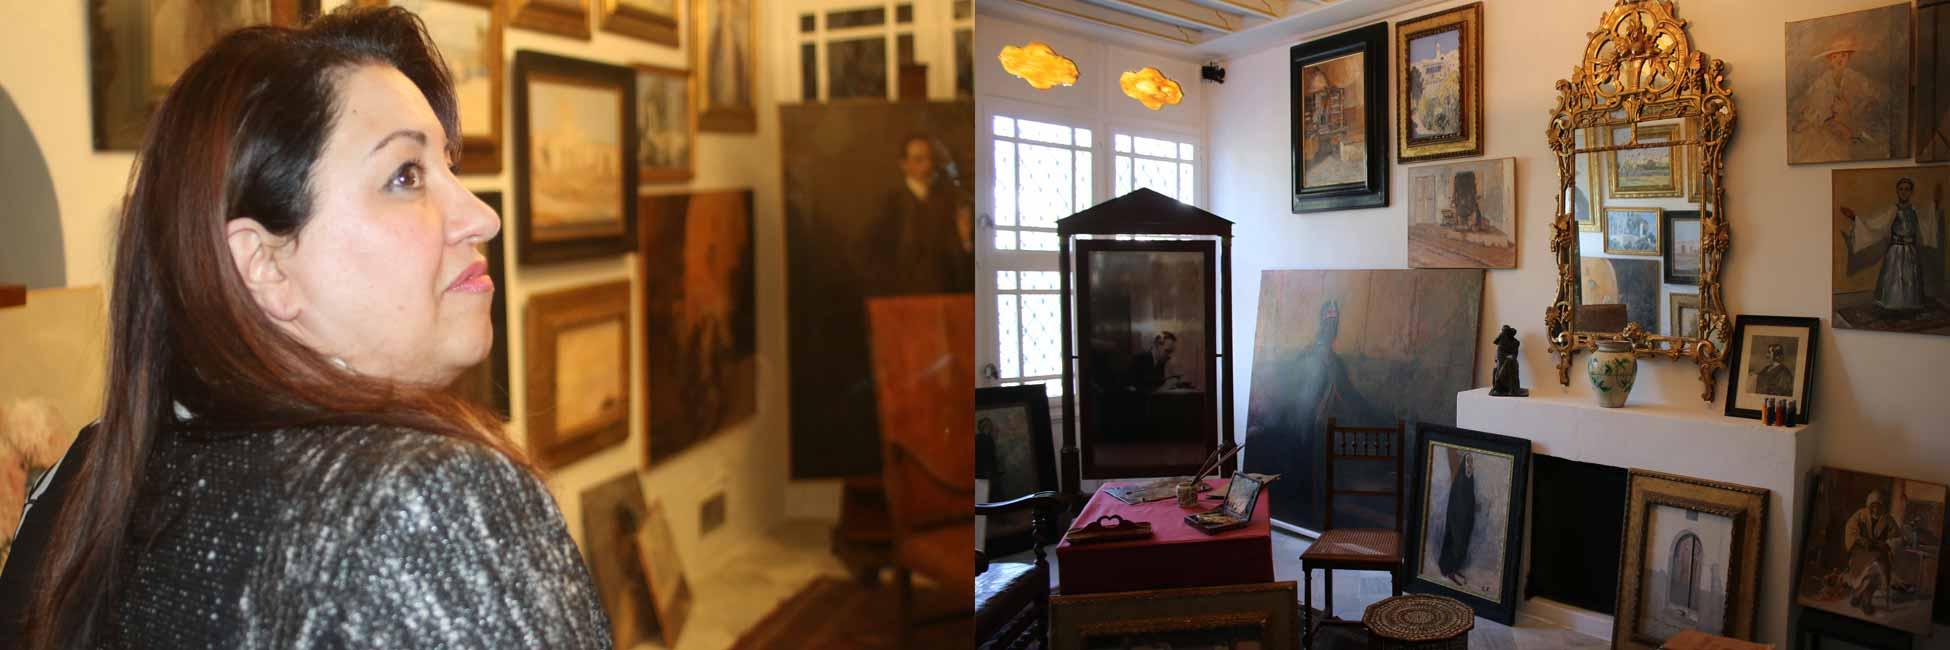 Inauguration de l'atelier de peinture du baron d'Erlanger